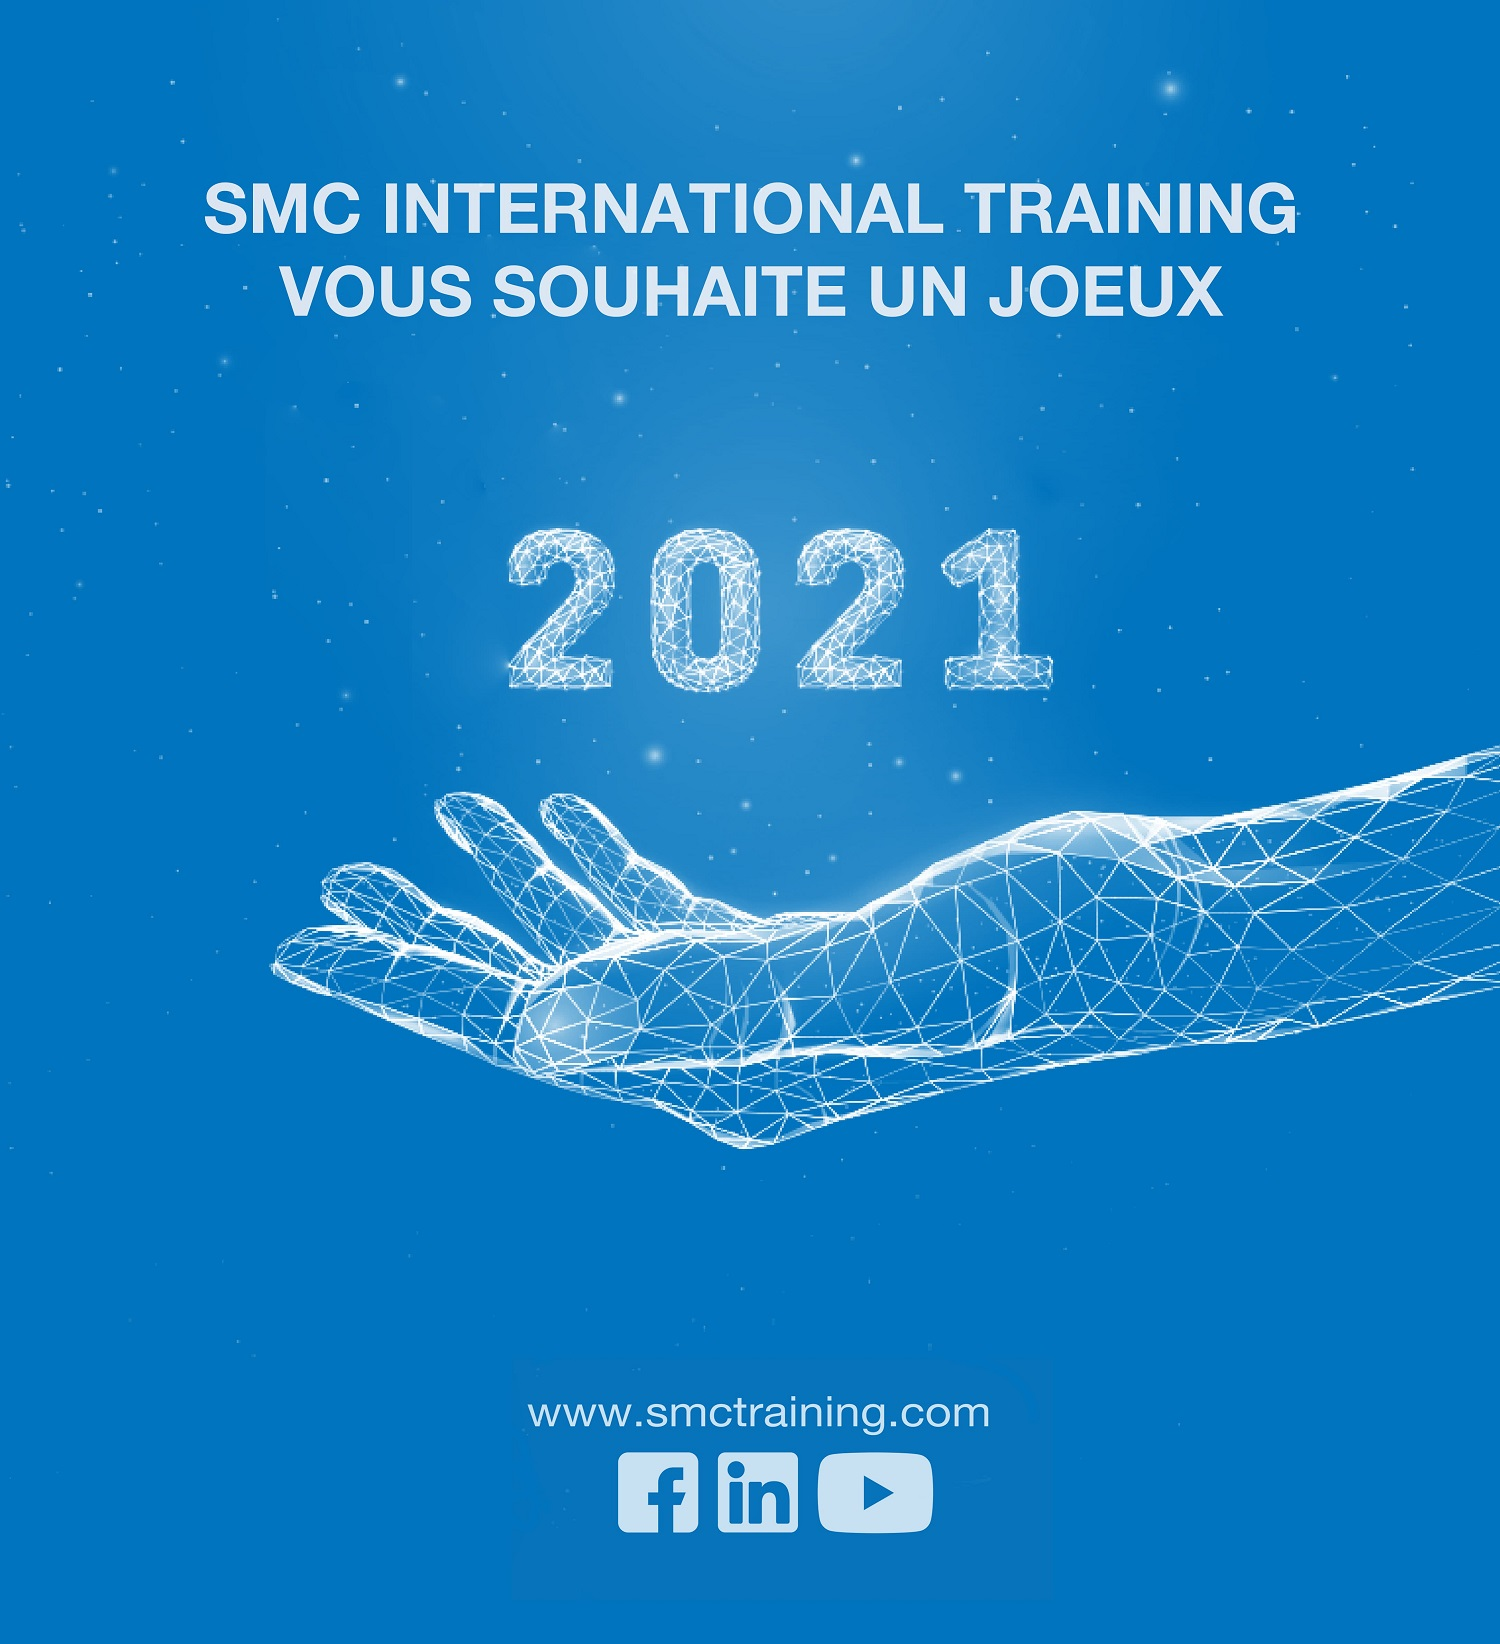 SMC International Training vous souhaite un joeux 2021